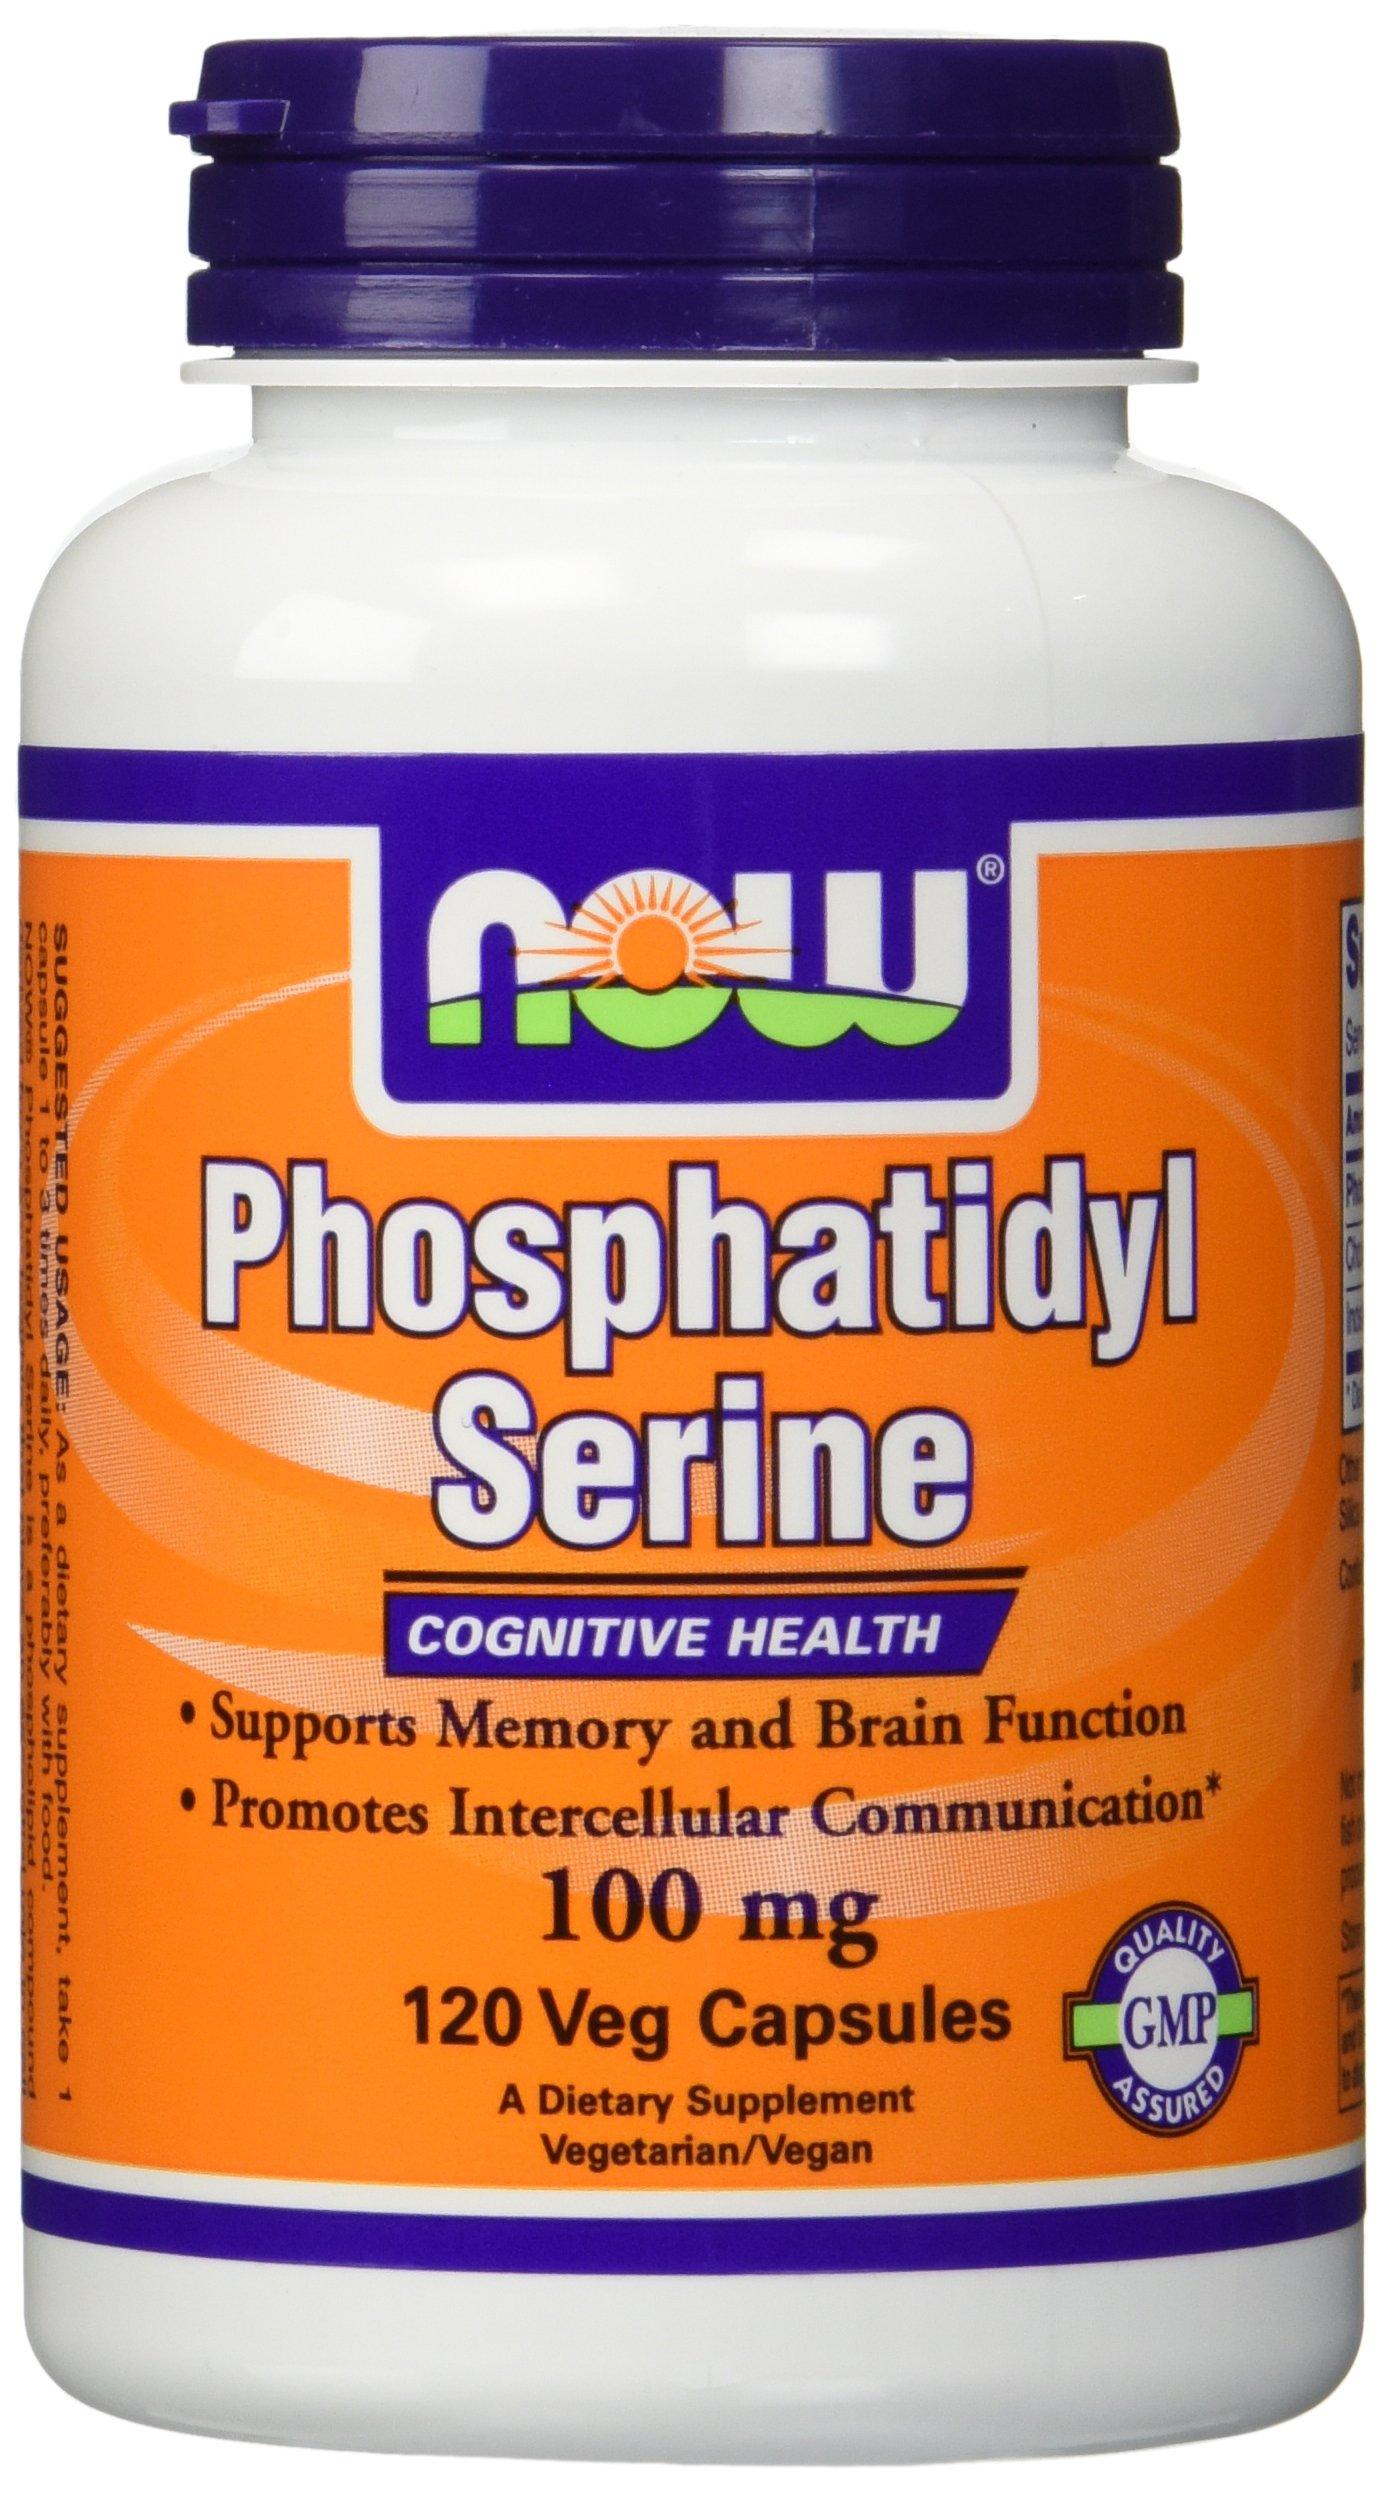 NOW Foods Phosphatidyl Serine 100mg,(2 x 120) 240 Veg Capsules